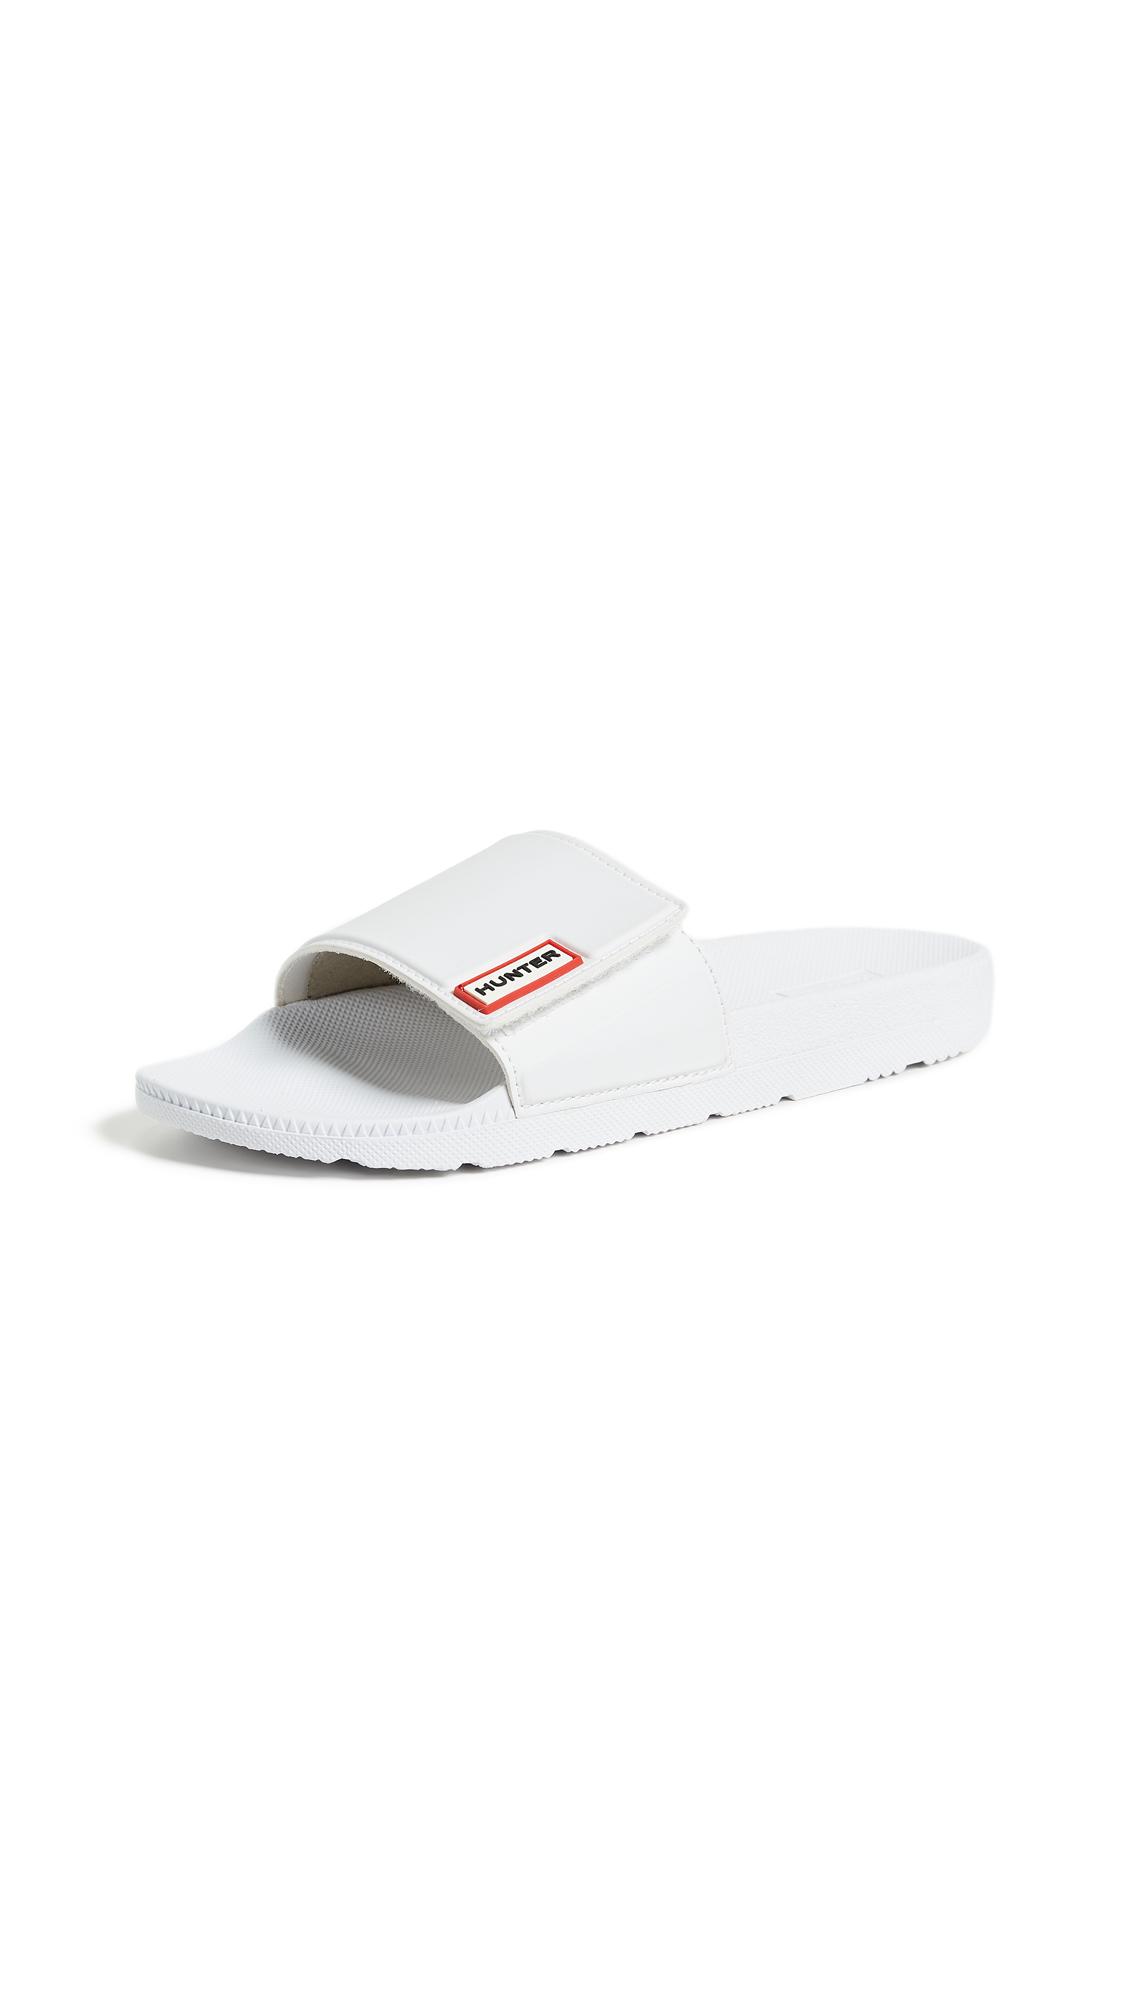 Hunter Boots Original Adjustable Slides - White